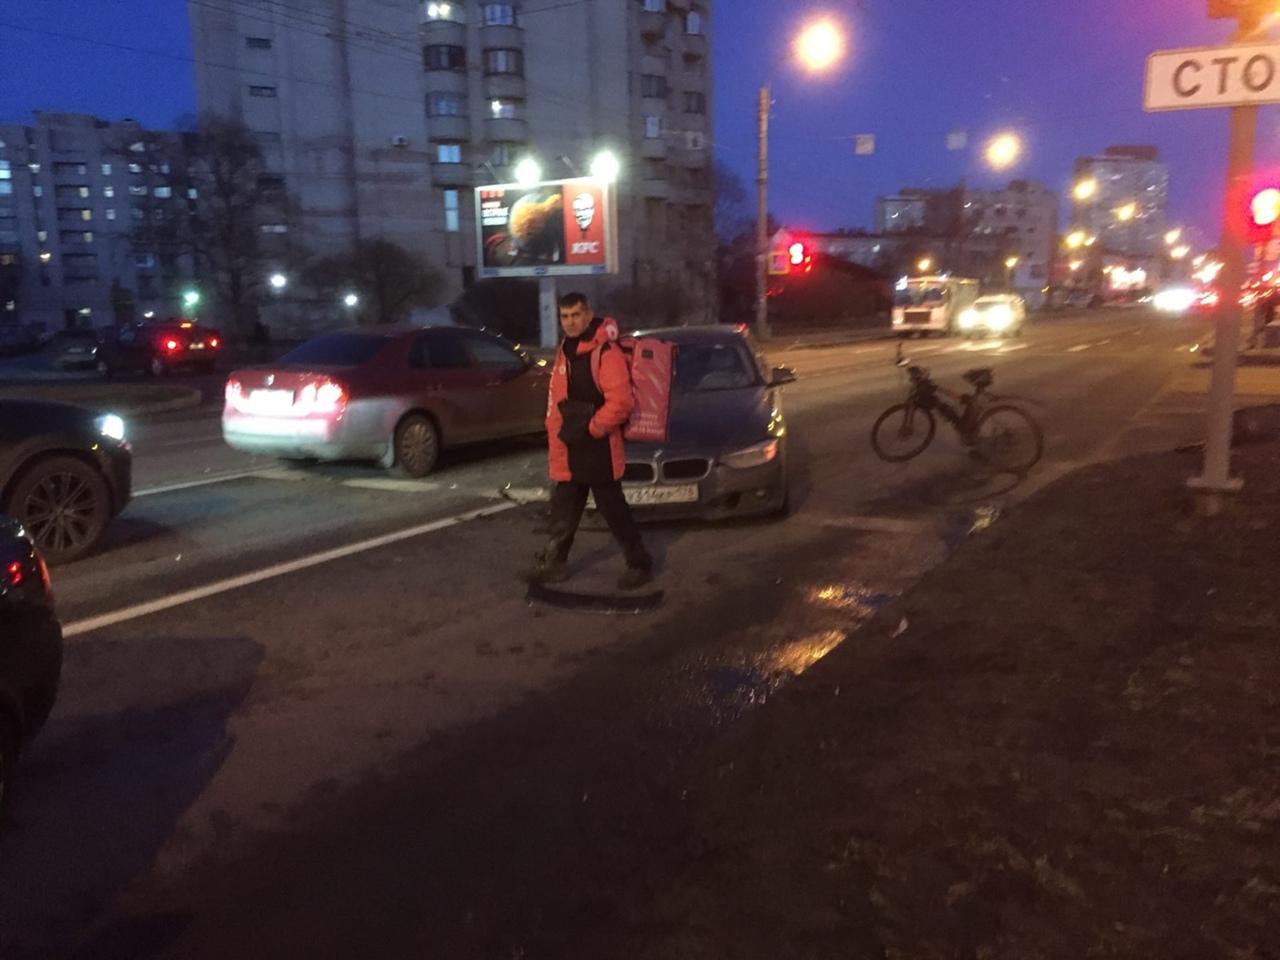 Приора и БМВ столкнулись на Краснопутиловской 121